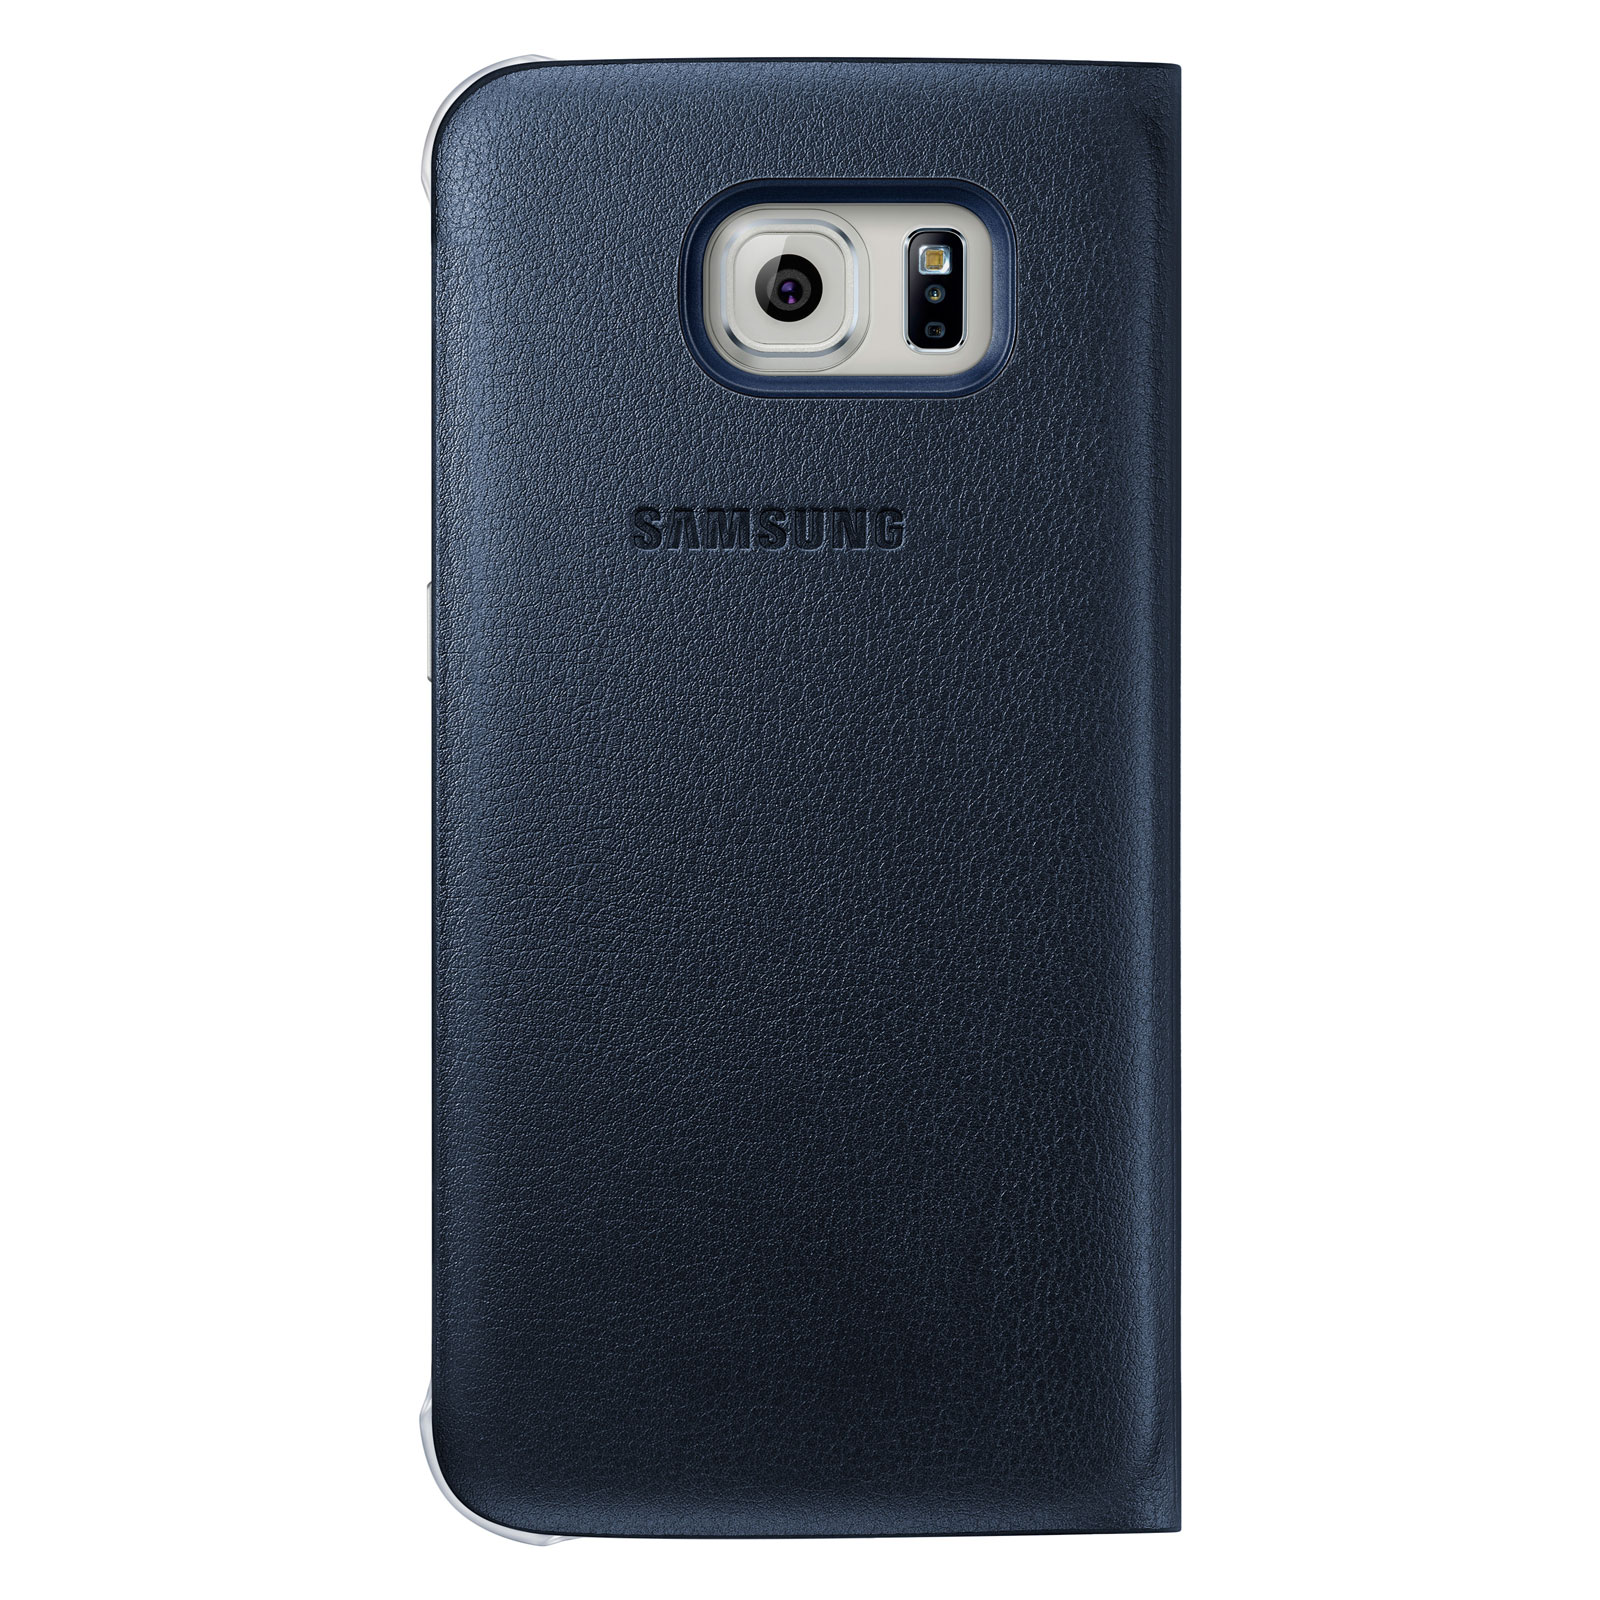 samsung flip wallet noir pour galaxy s6 edge etui t l phone samsung sur. Black Bedroom Furniture Sets. Home Design Ideas